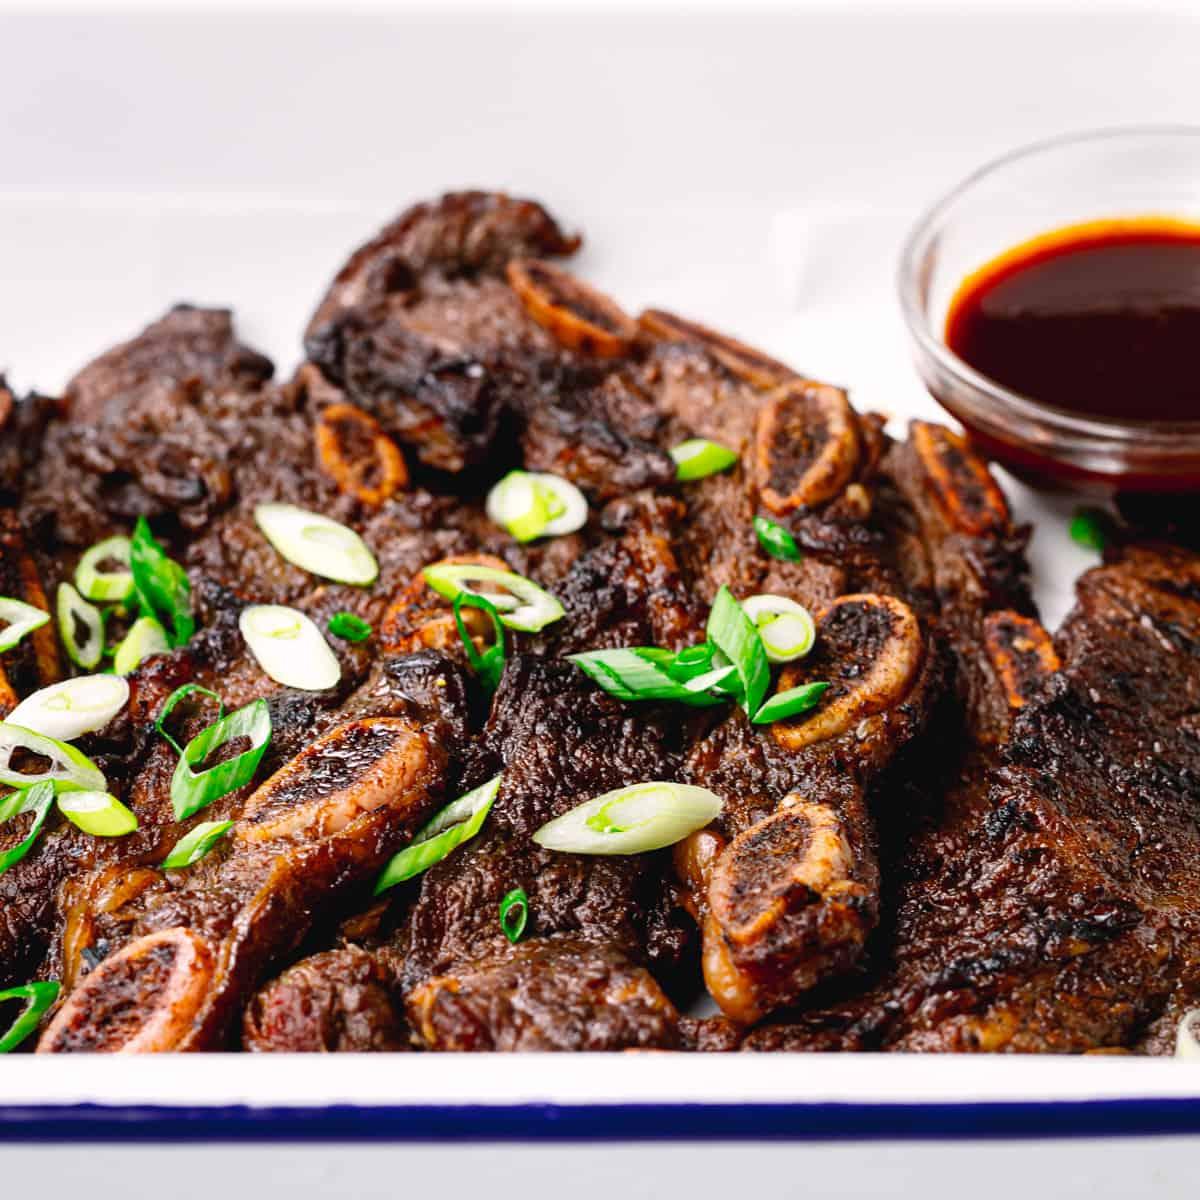 Kalbi Korean BBQ Flanken Short Ribs